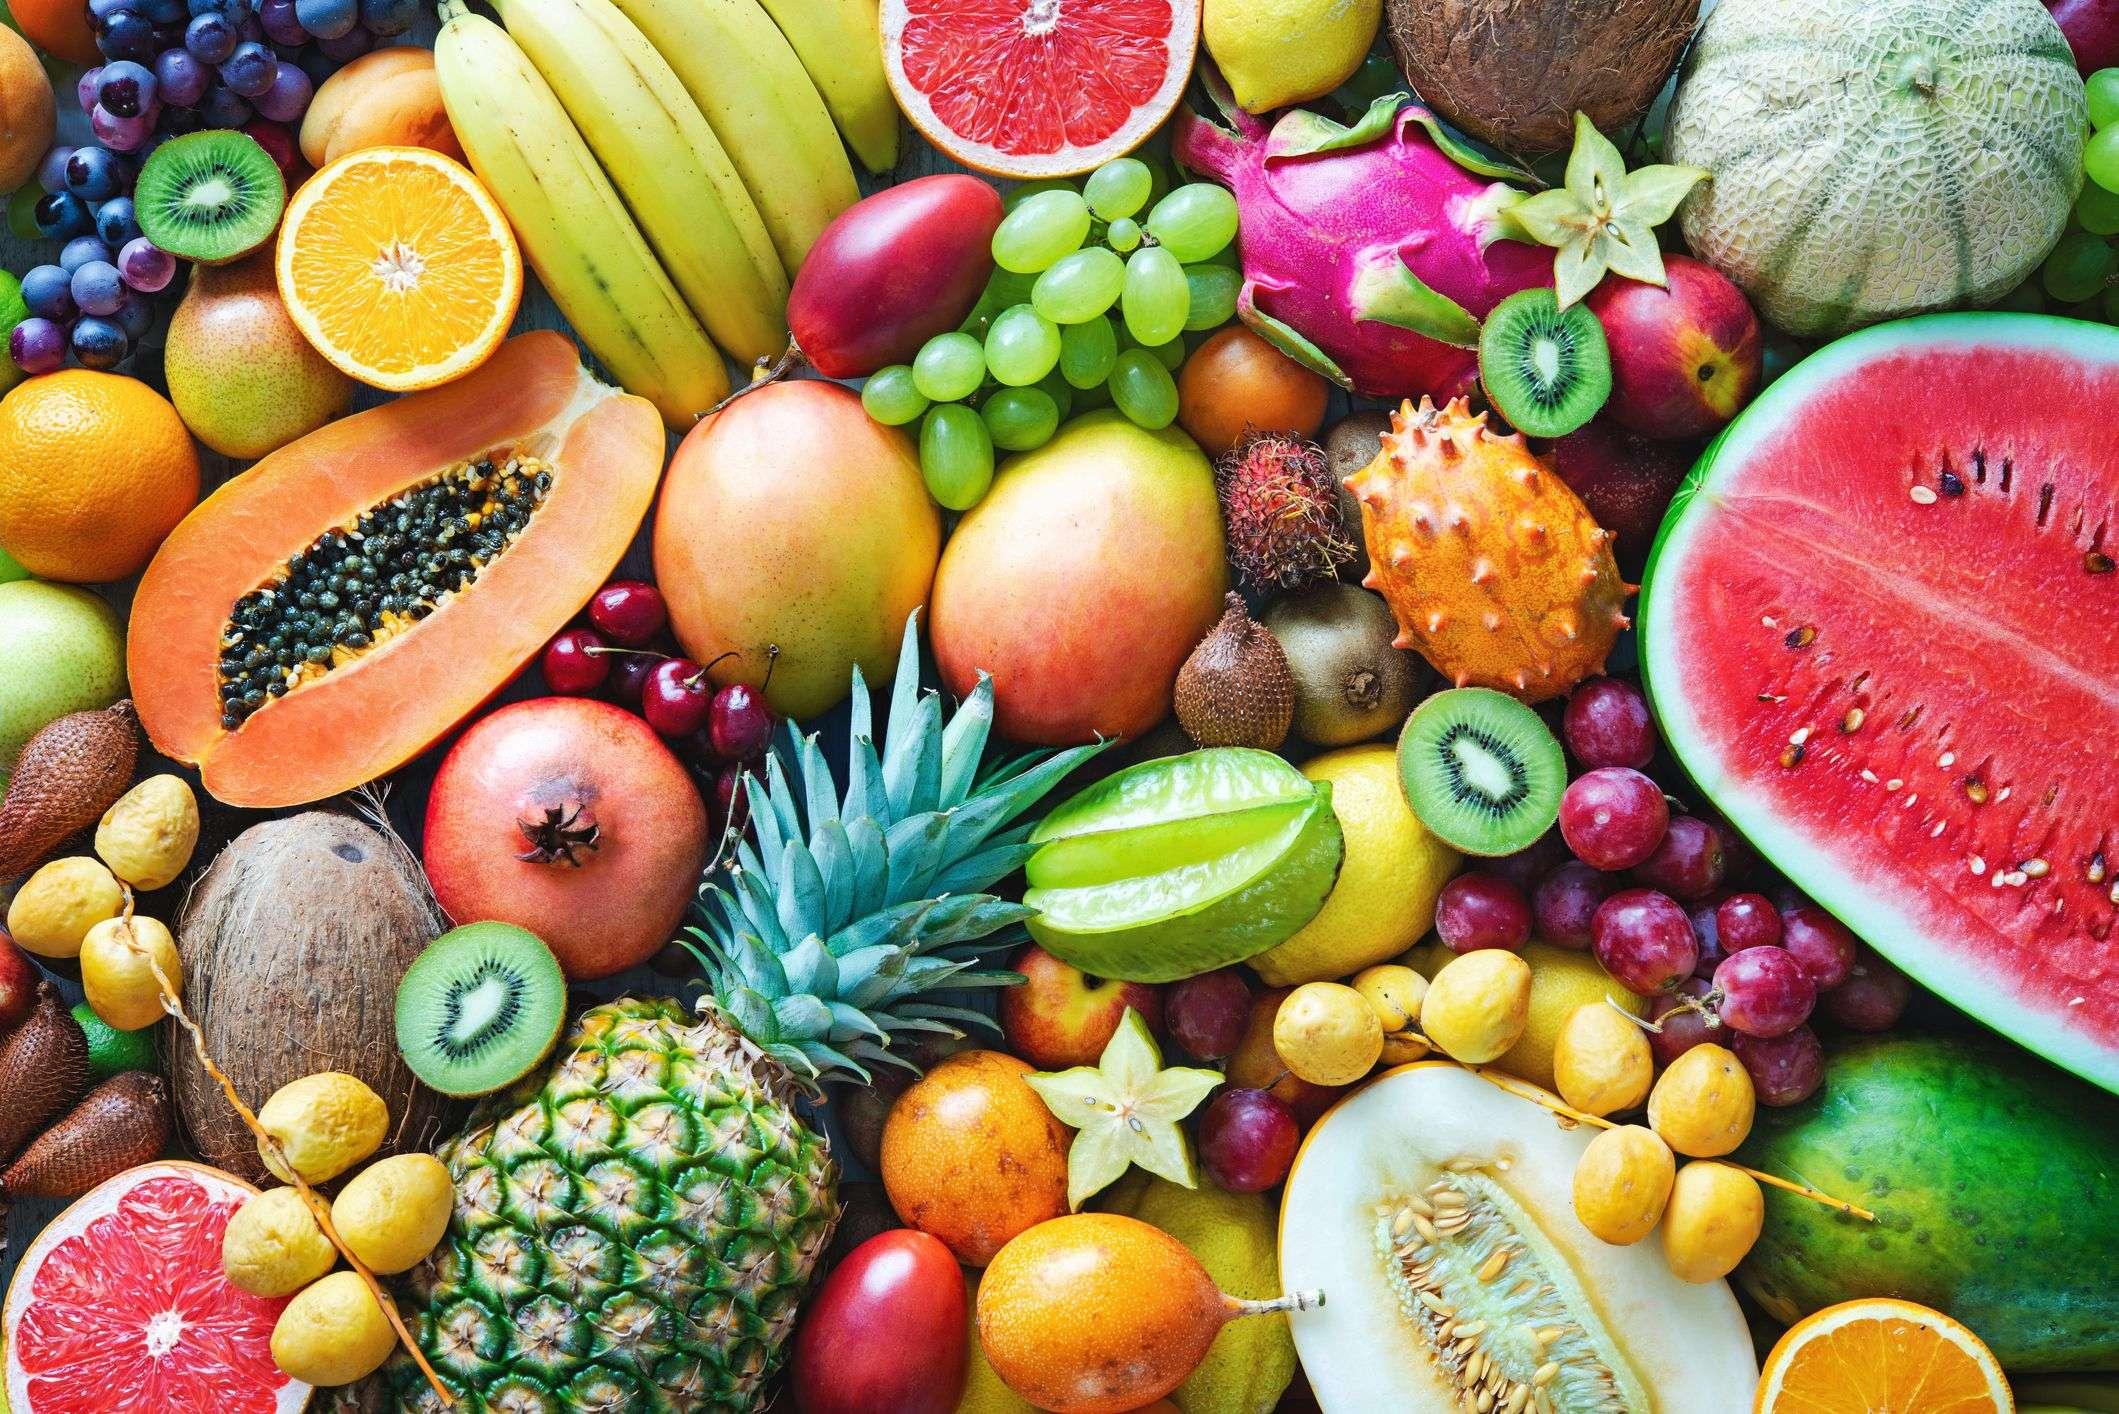 Now Fruit Basket Home Delivery Will Available On Rs 100-250 - 100-250 रुपए  में मिलेगी 'फलों की टोकरी', जानिए कौन-कौन से होंगे फल | Patrika News